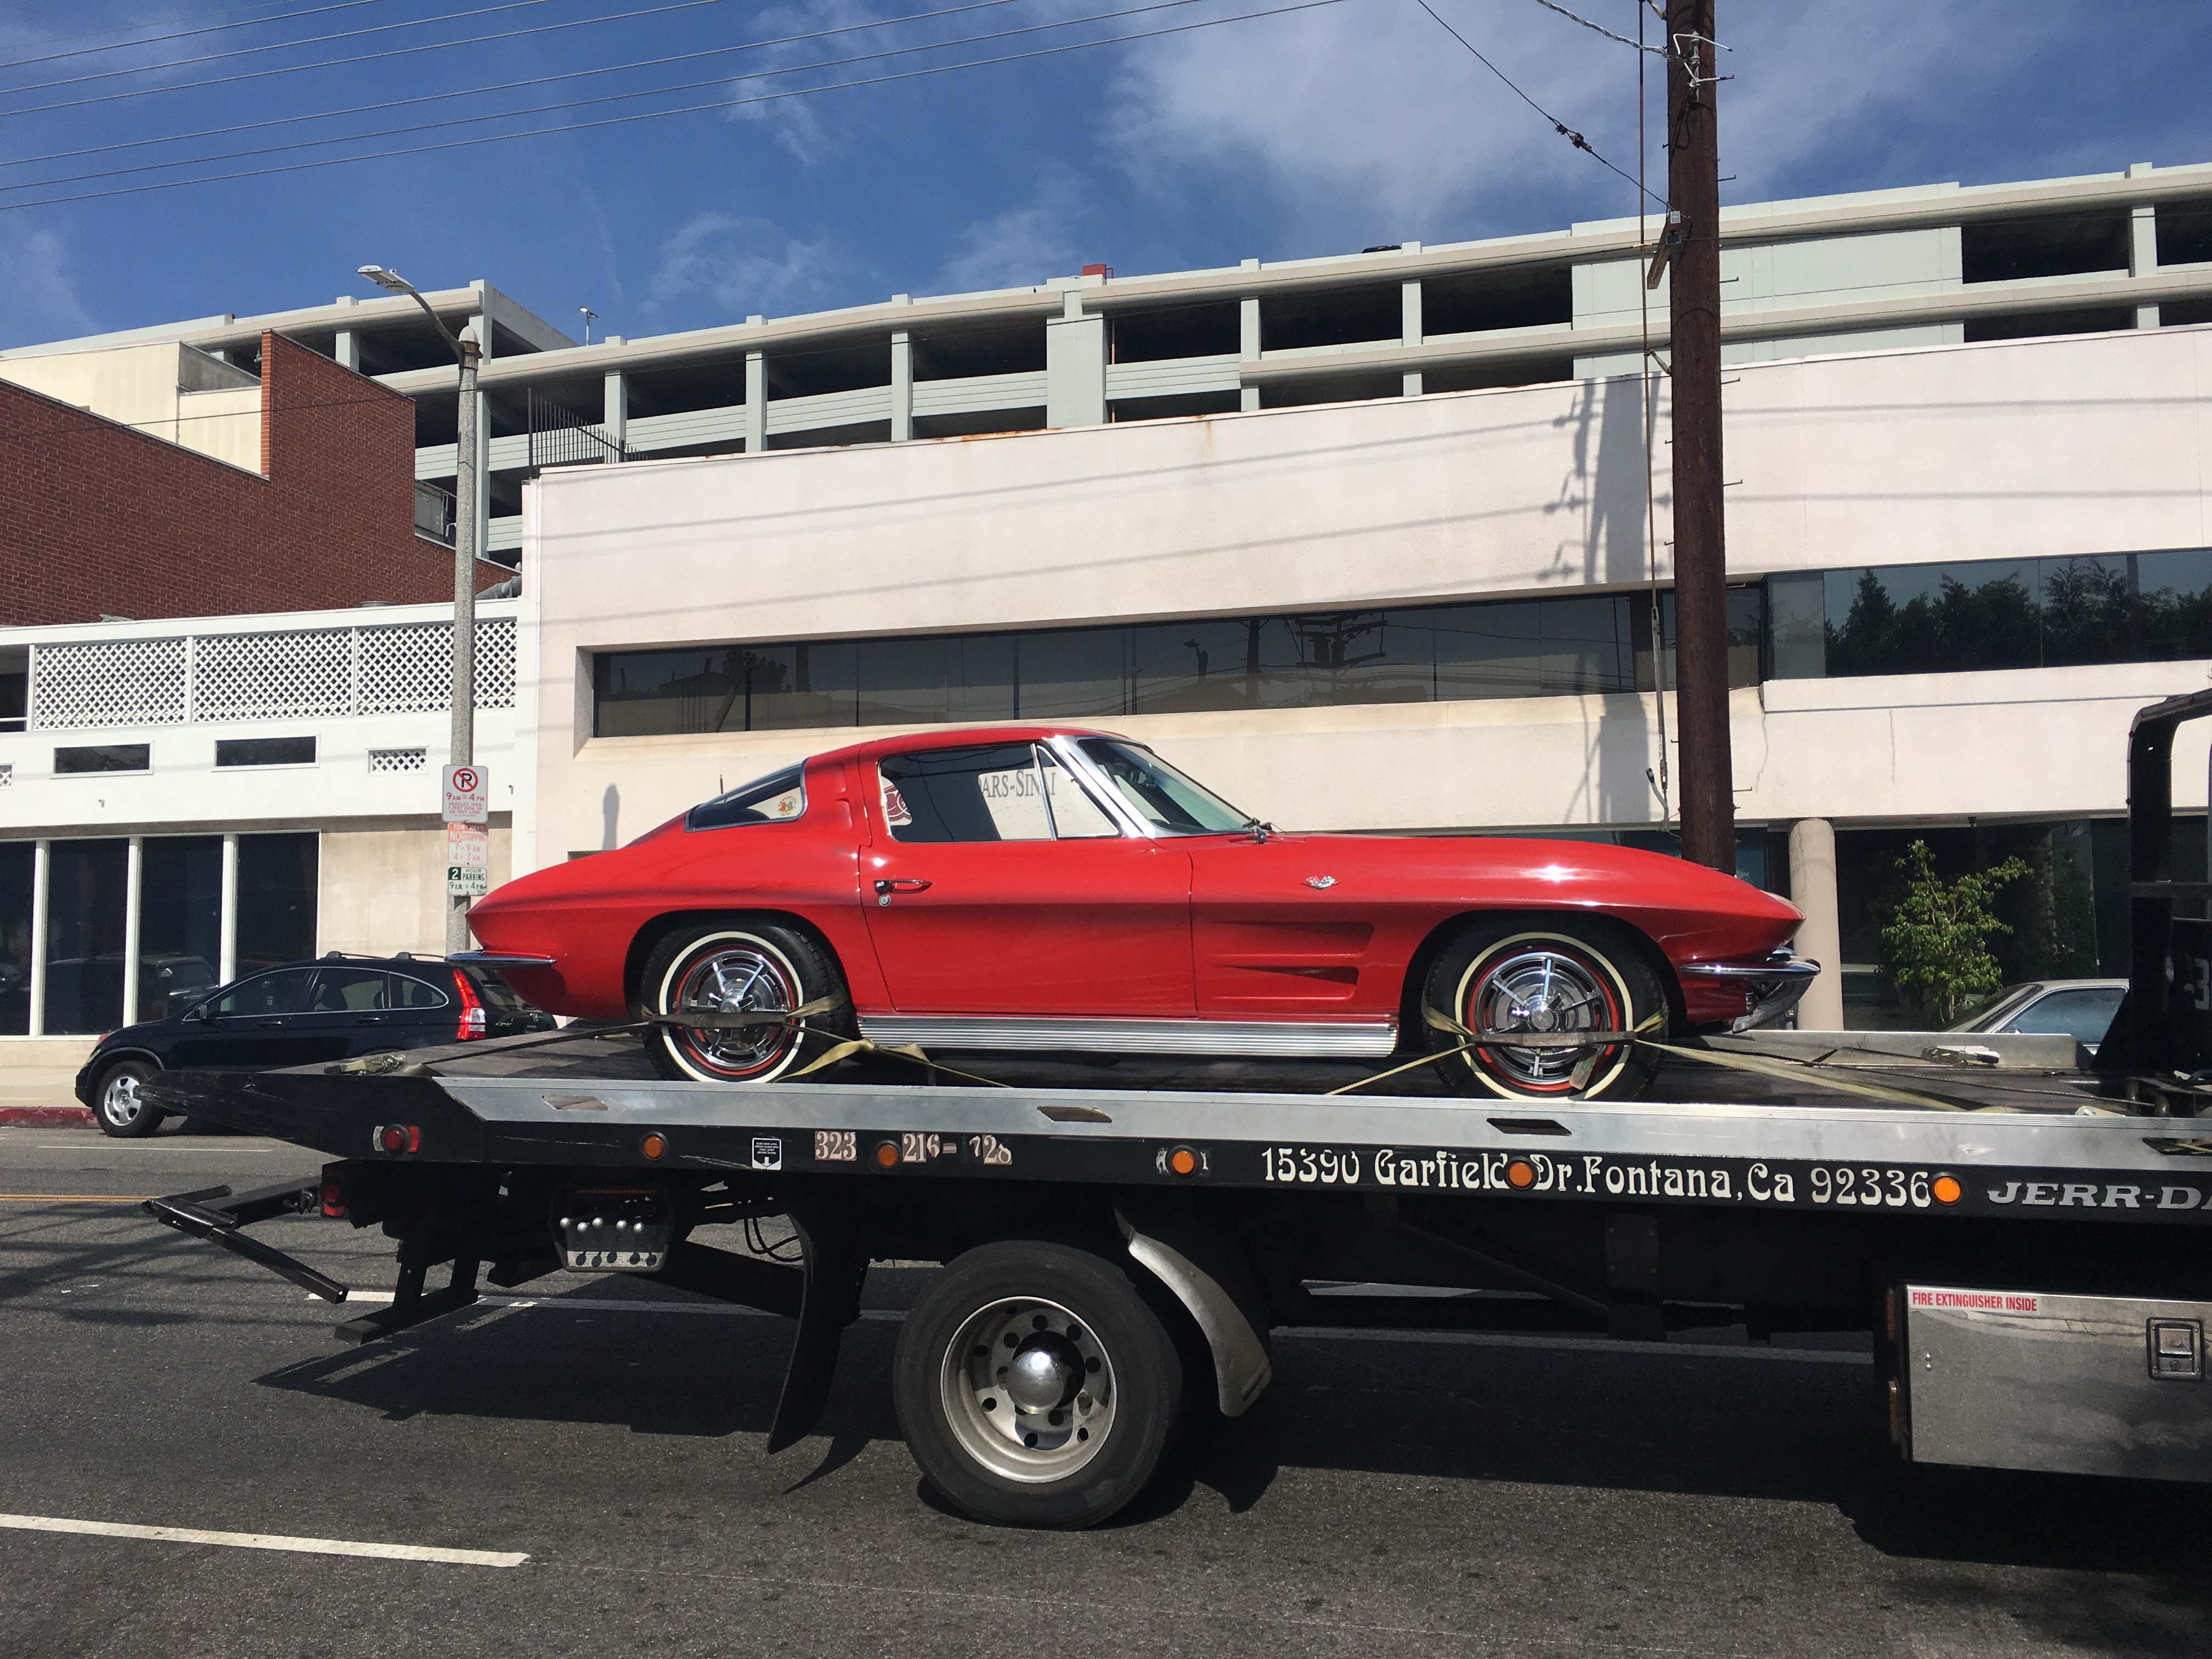 red-stingray-corvette-hollywood